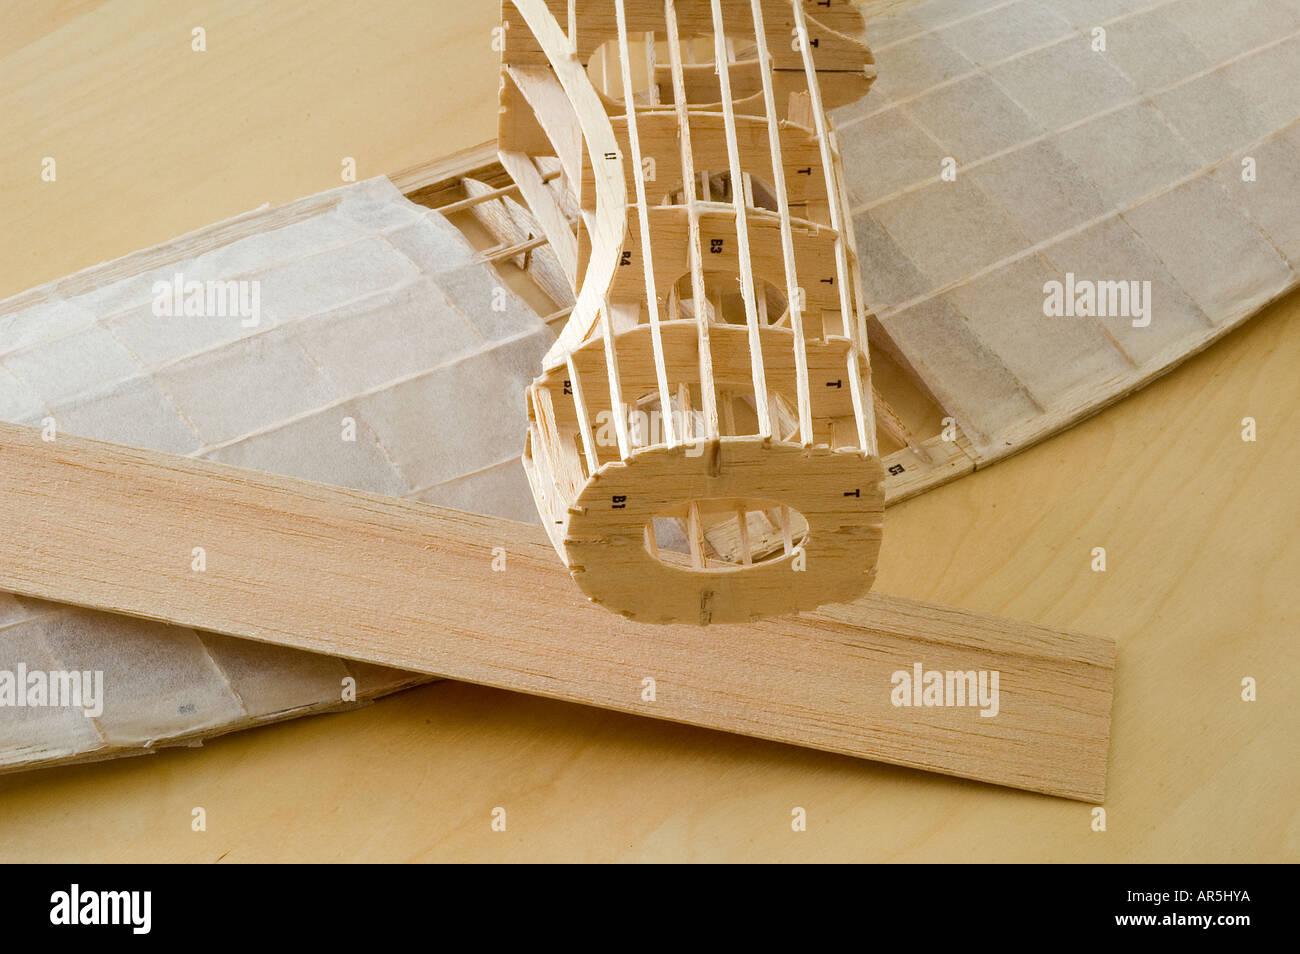 Balsa Wood Stock Photos & Balsa Wood Stock Images - Alamy